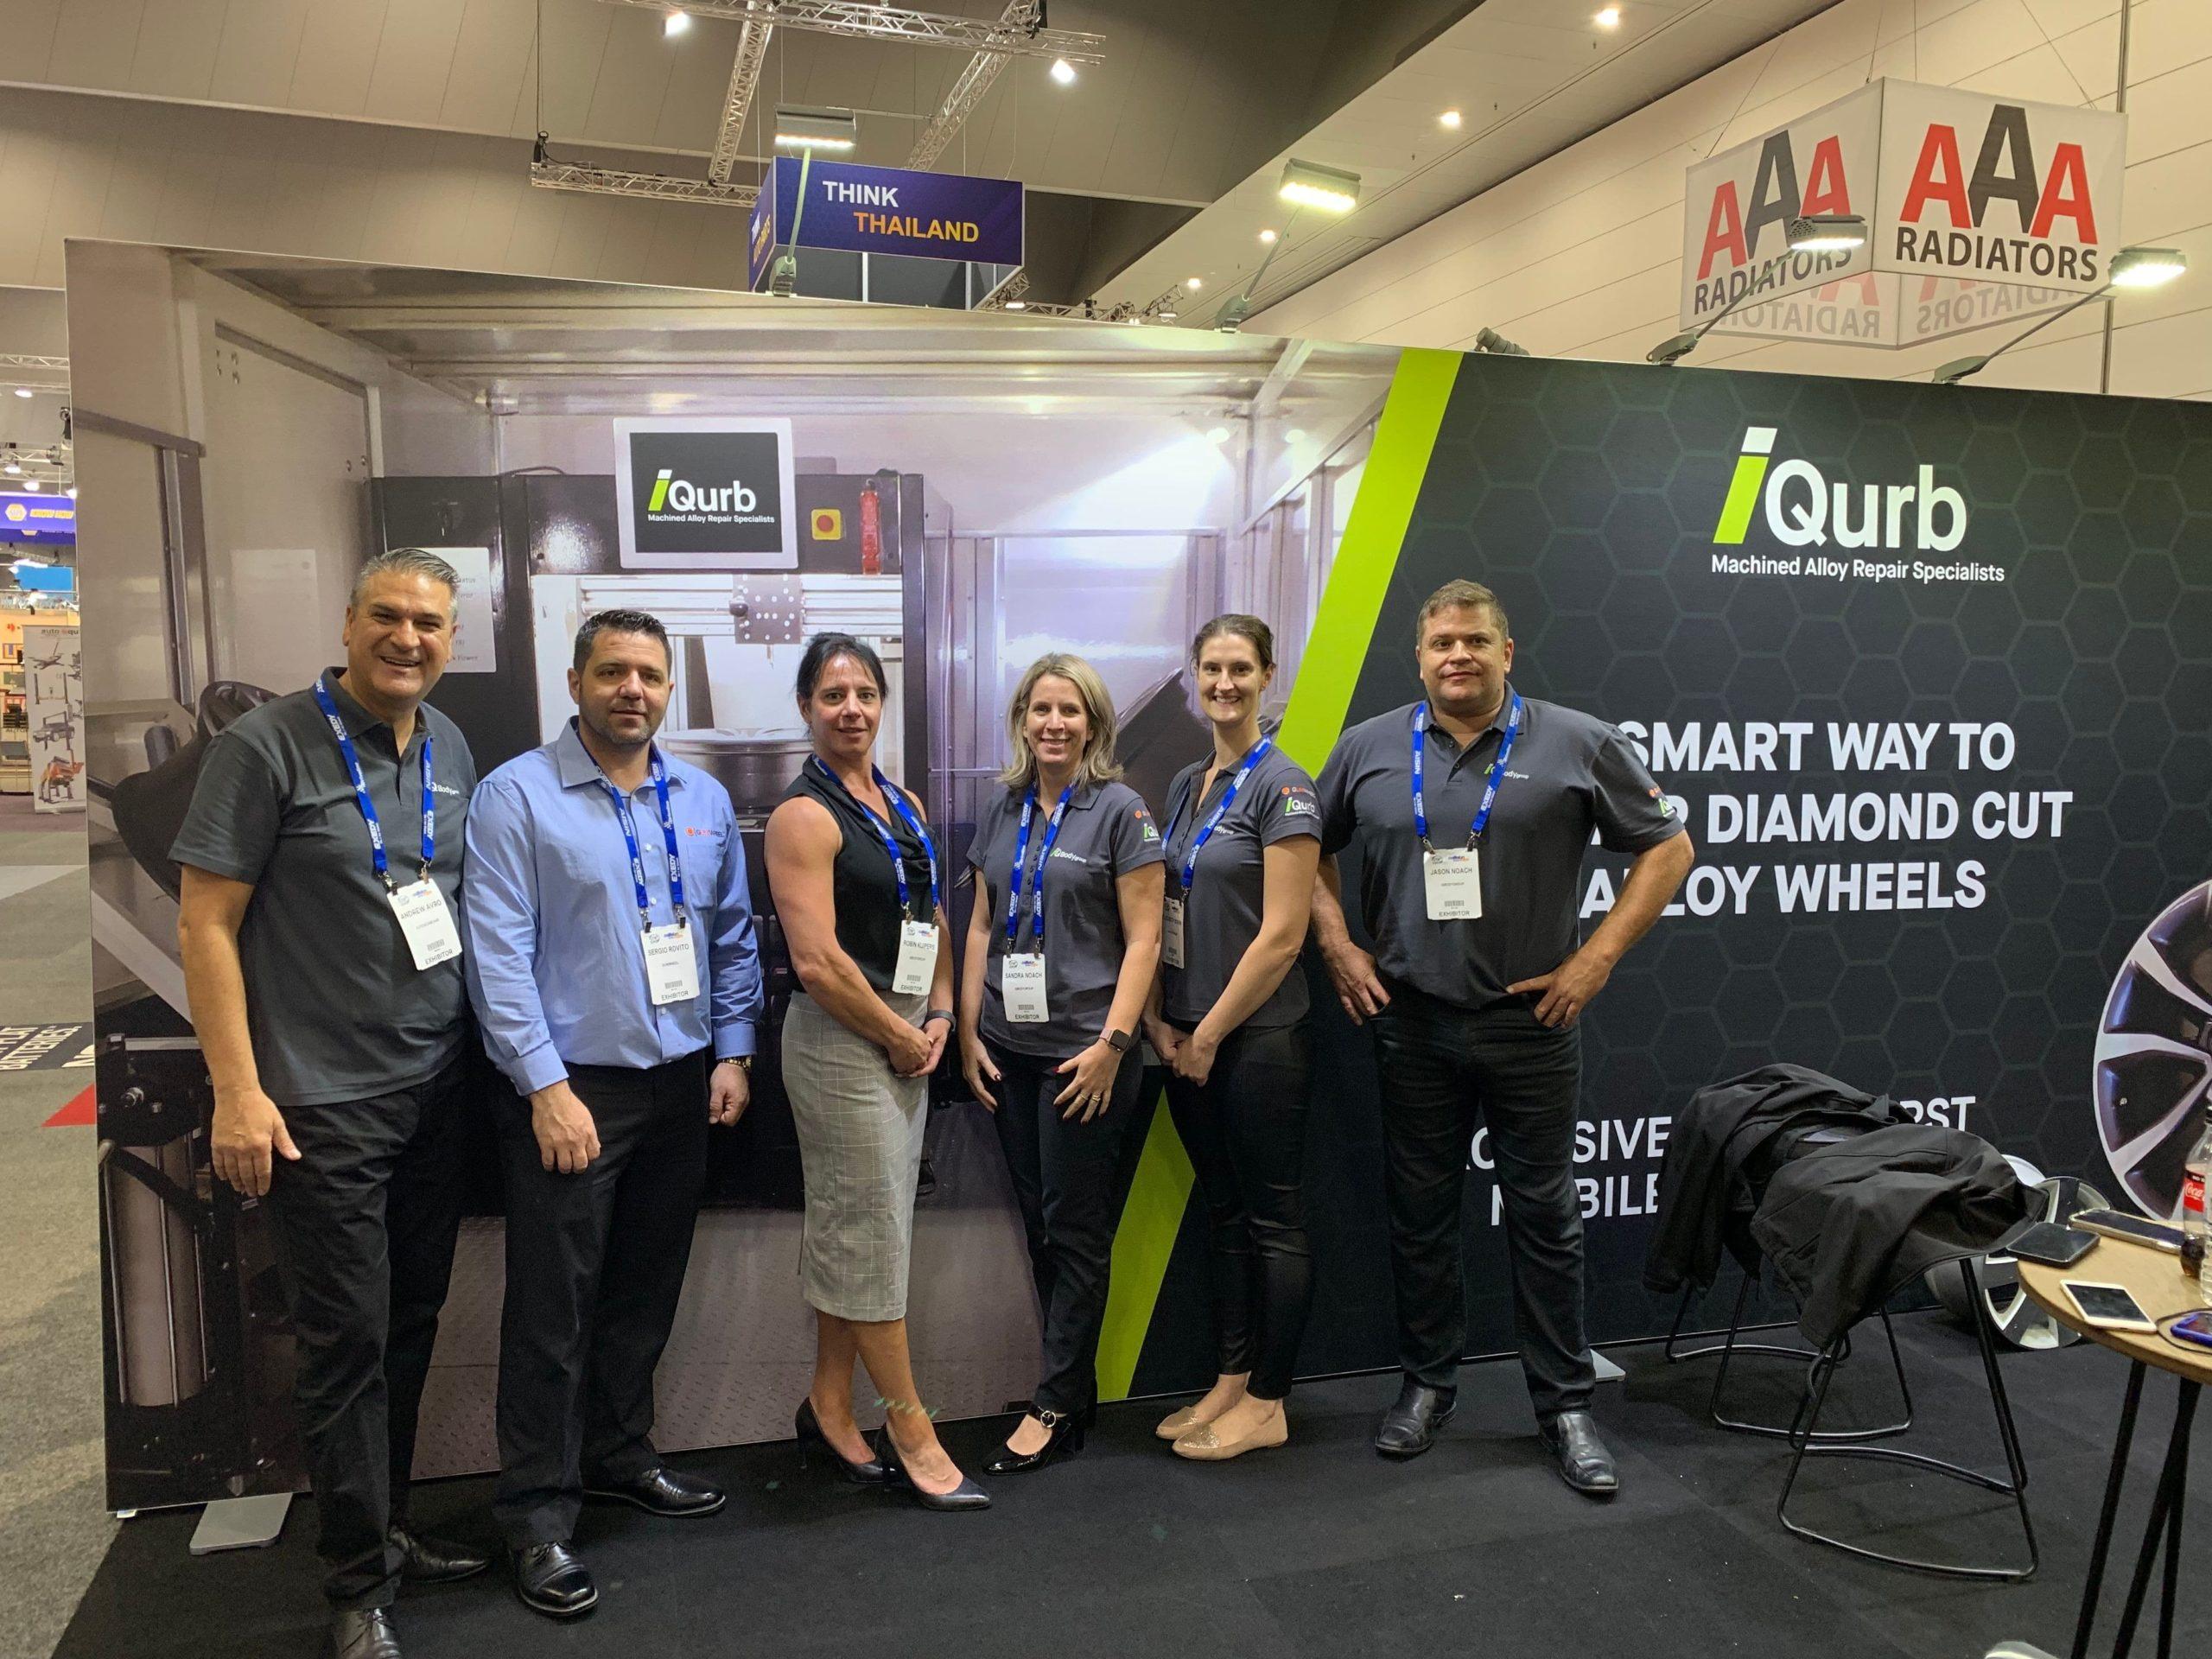 iQurb staffs